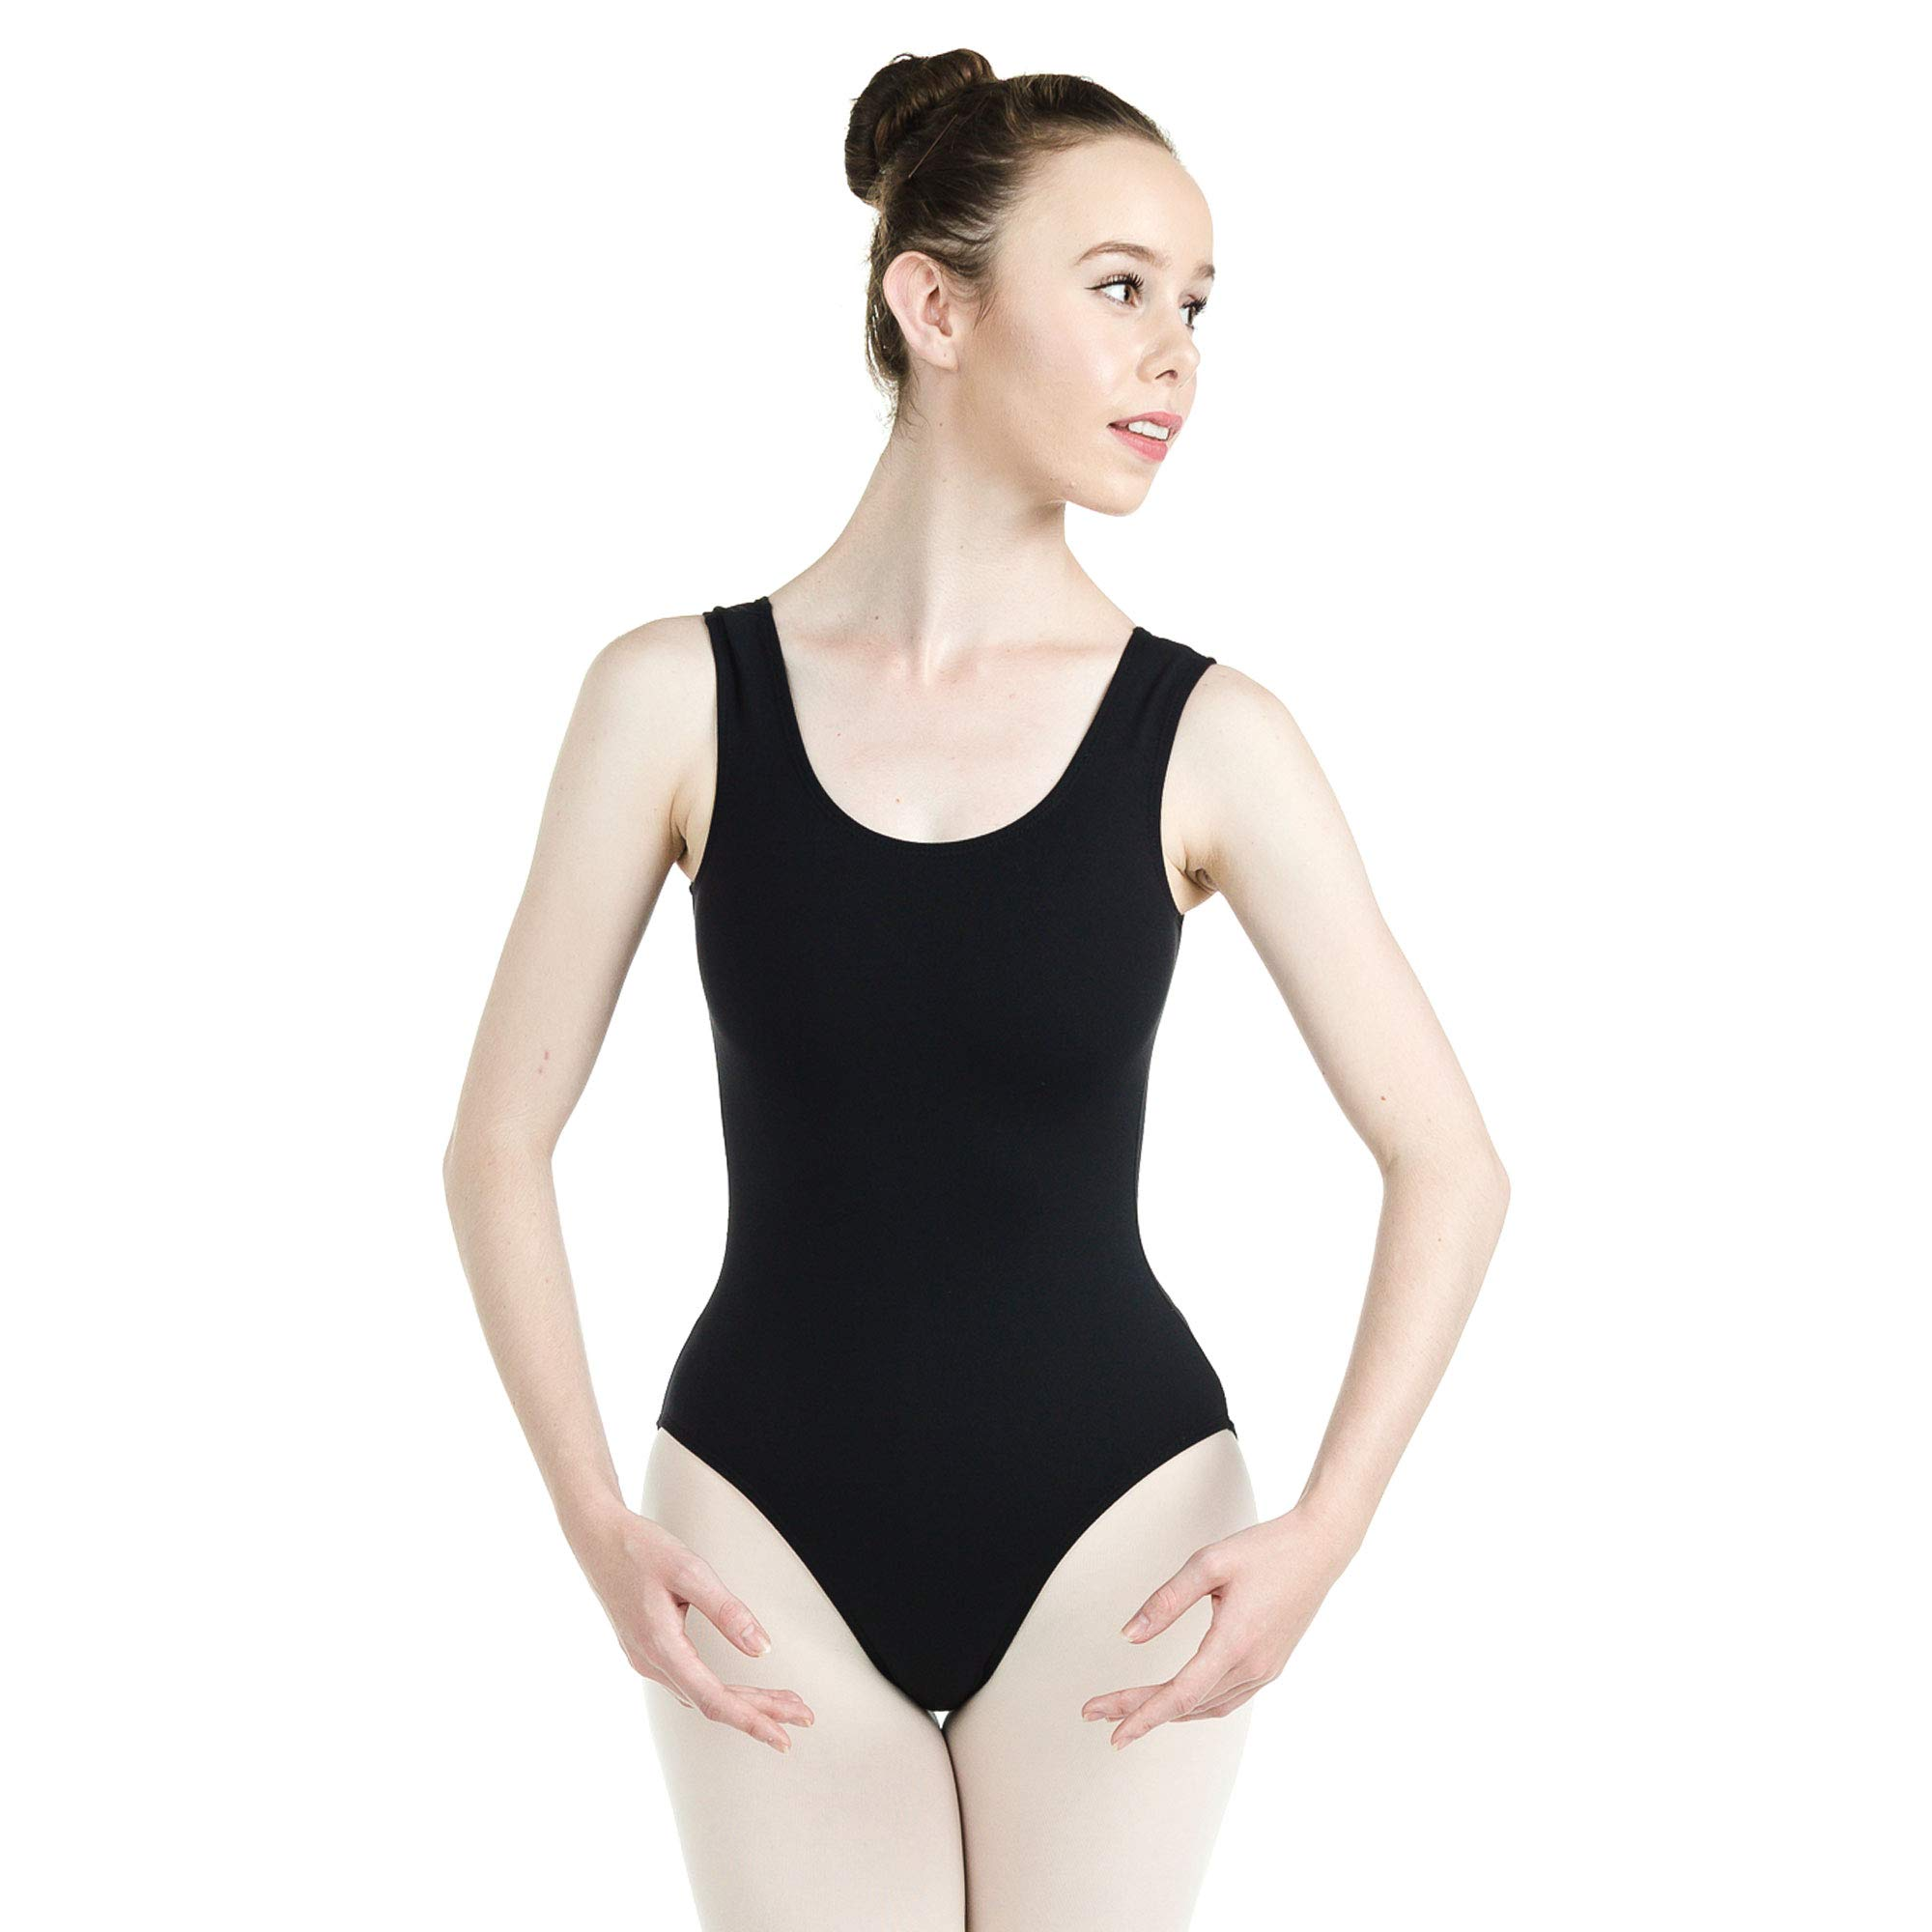 b4db947be12b Danzcue Womens Cotton Tank Ballet Cut Leotard